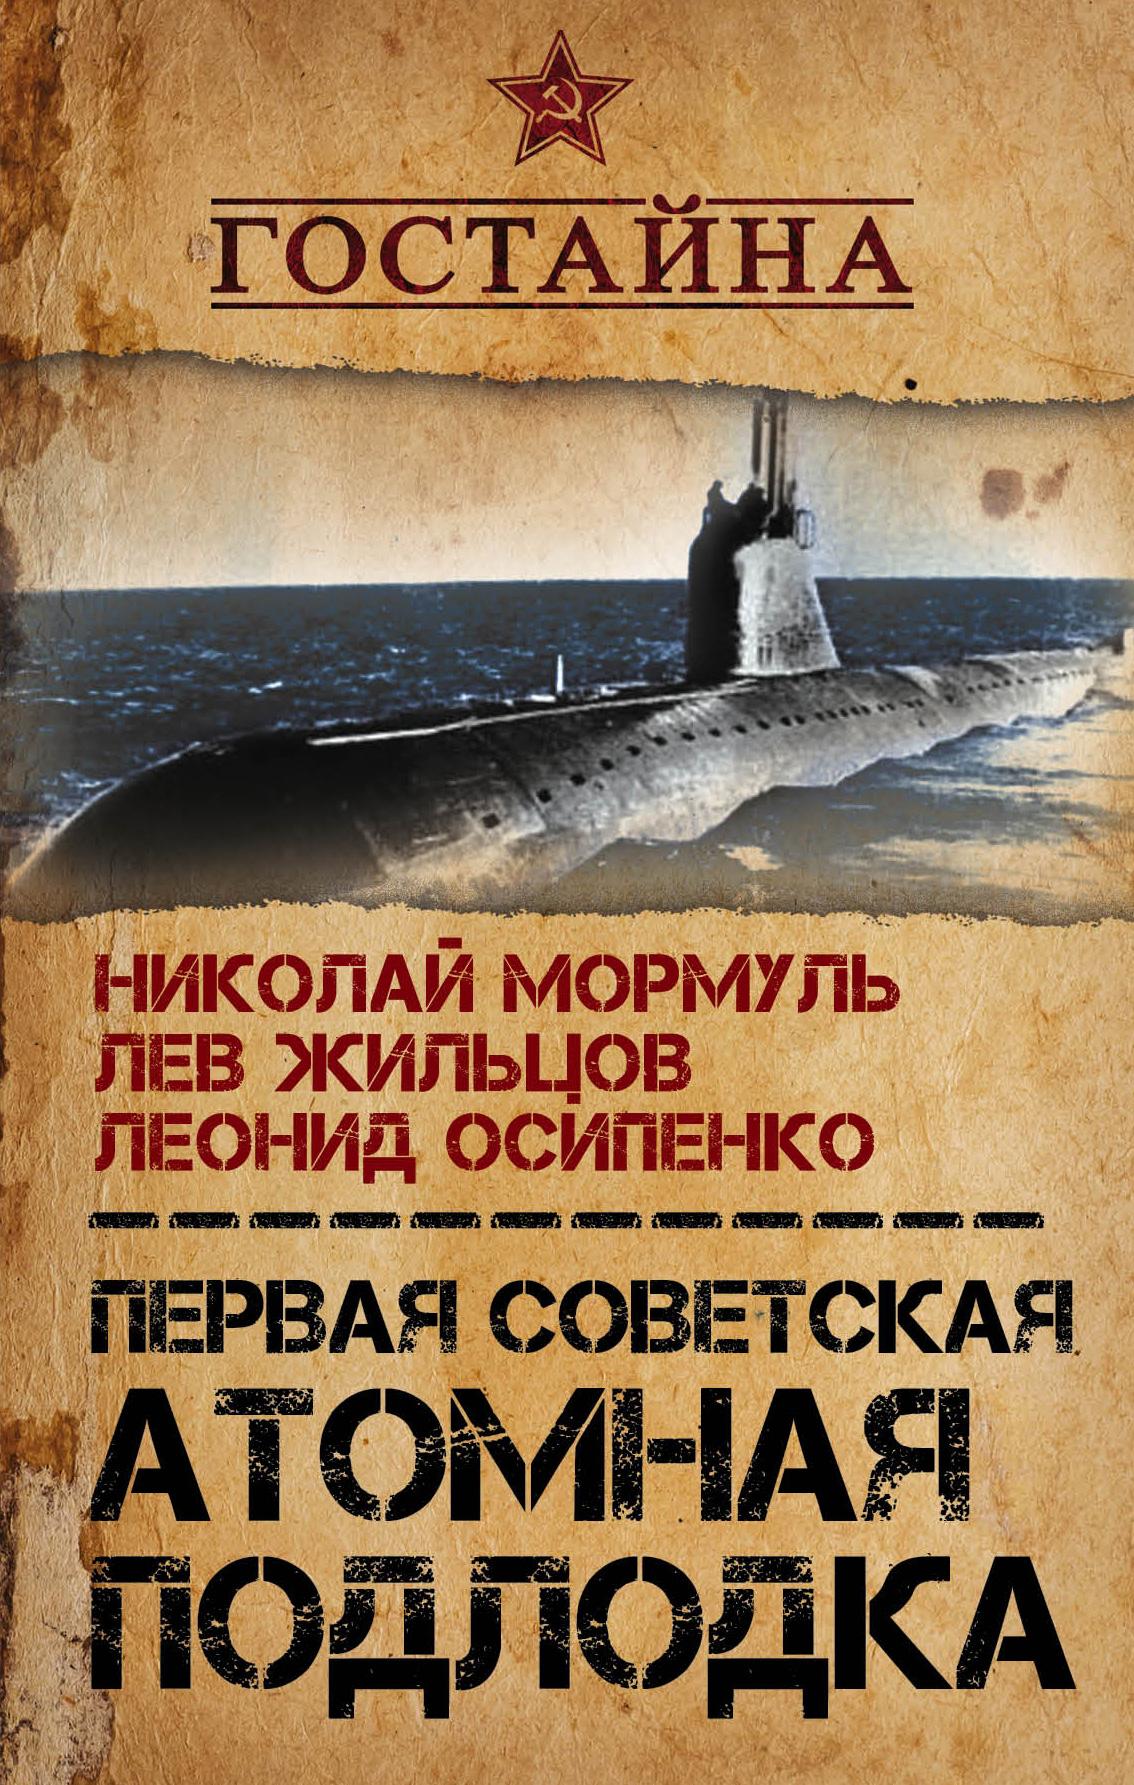 Первая советская атомная подлодка. История создания